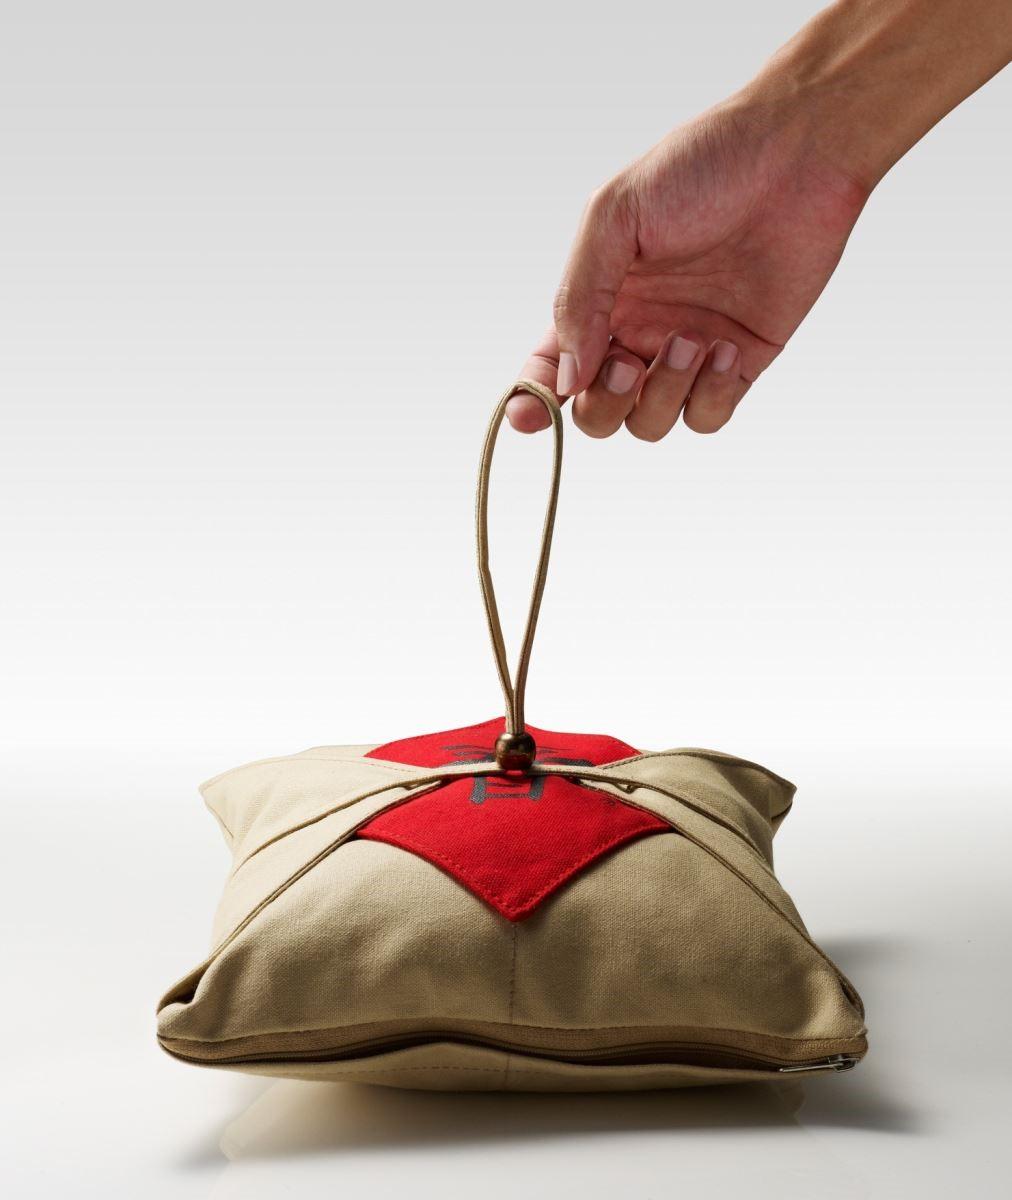 【春茶午安枕】設計取茶葉的傳統牛皮紙包裝,以帆布材質再現百年包裝,以茶梗代茶葉,轉化成生活家飾,產生富含歷史文化的生活趣味。圖片提供_玩美文創